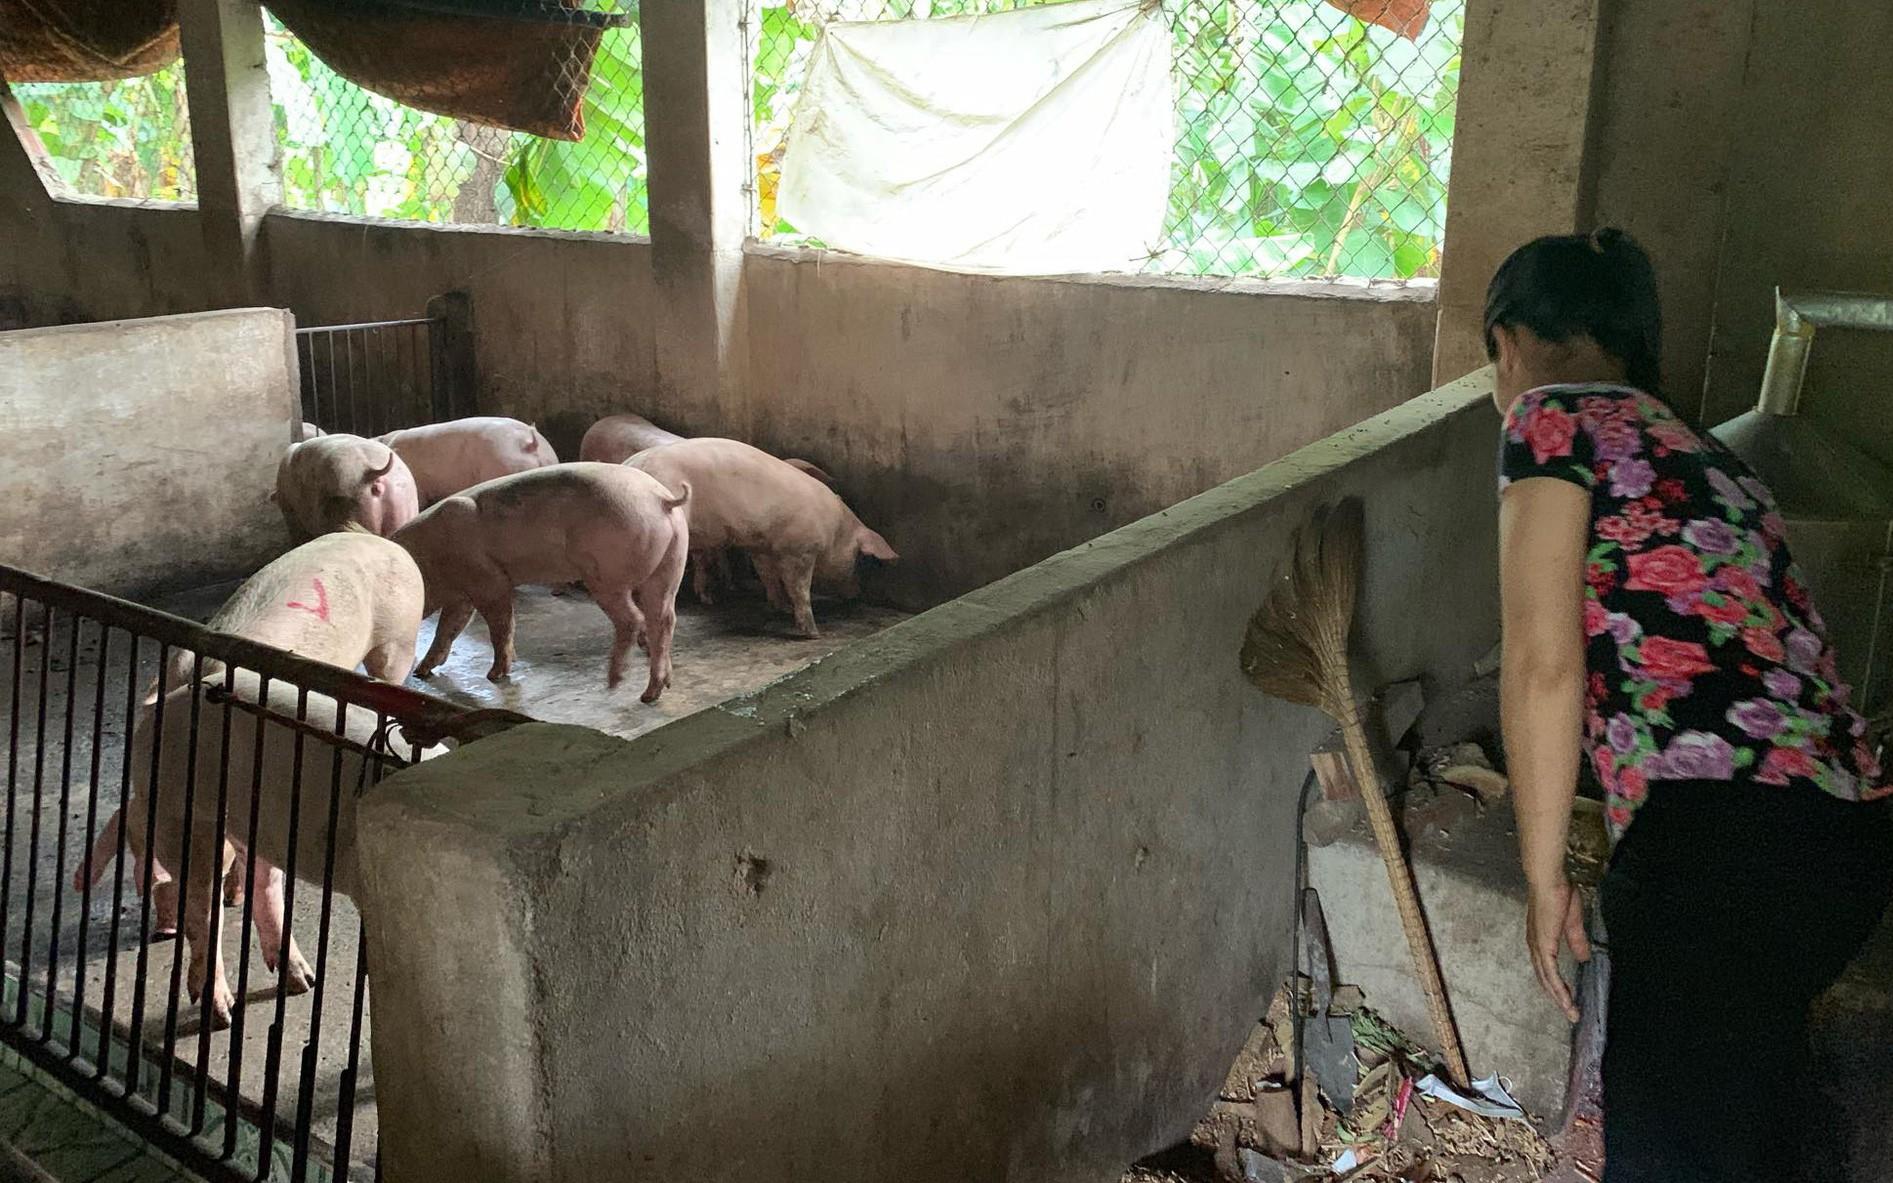 Kỳ tích: Lần đầu tiên đàn heo nhiễm dịch tả lợn Châu Phi sắp bị tiêu hủy, bất ngờ hết bệnh nhờ... ăn bã rượu